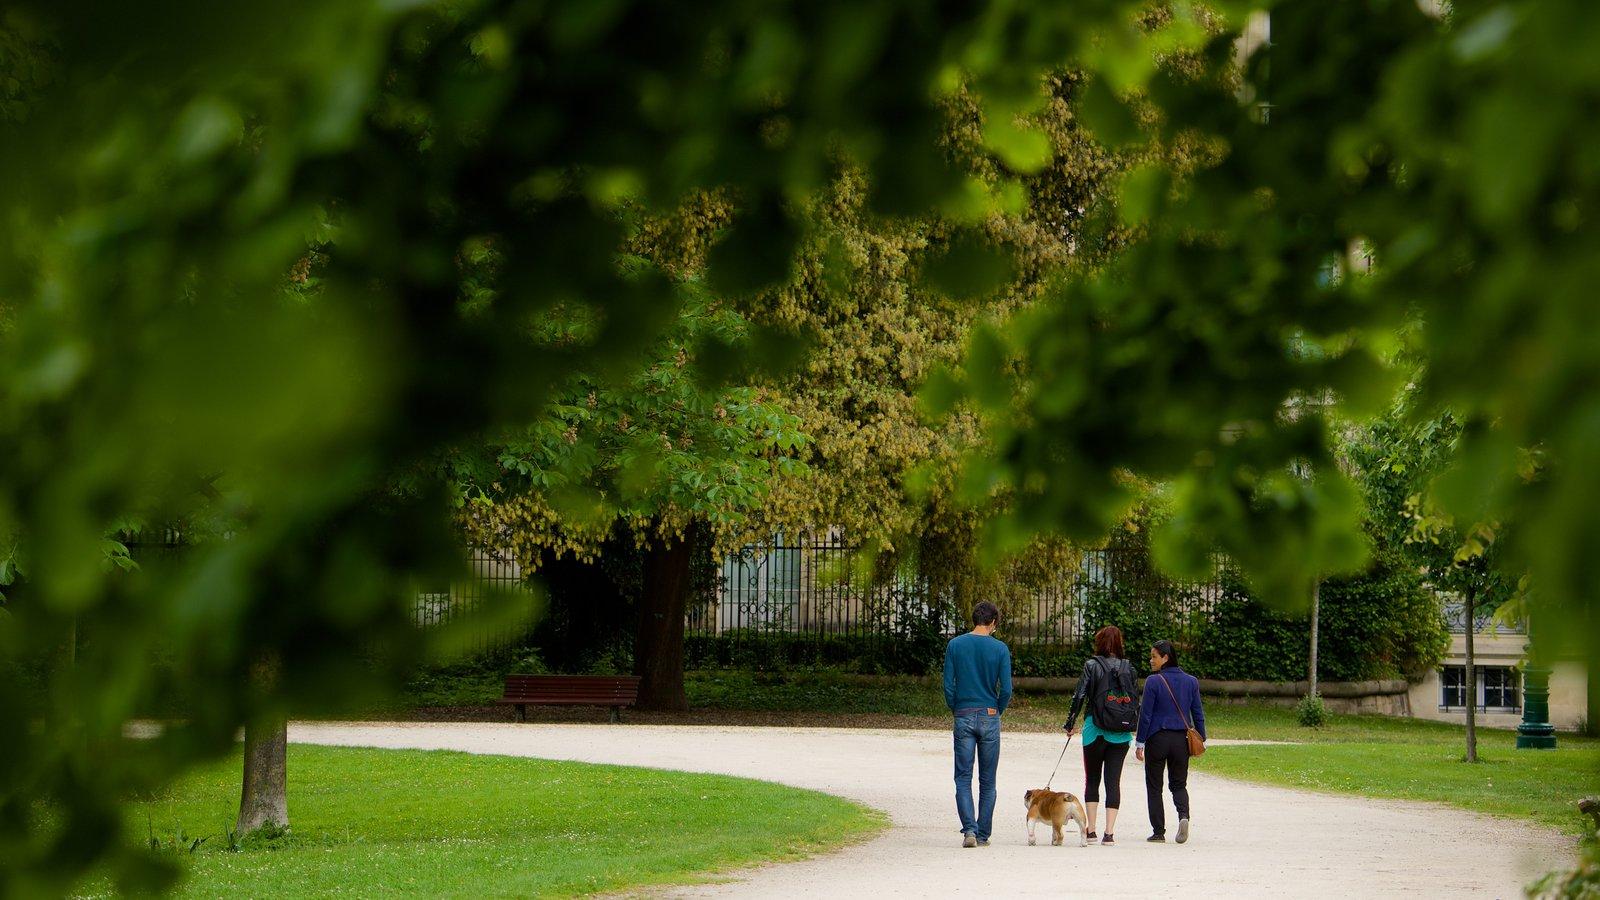 Gardens parks pictures view images of bordeaux for Jardin public bordeaux